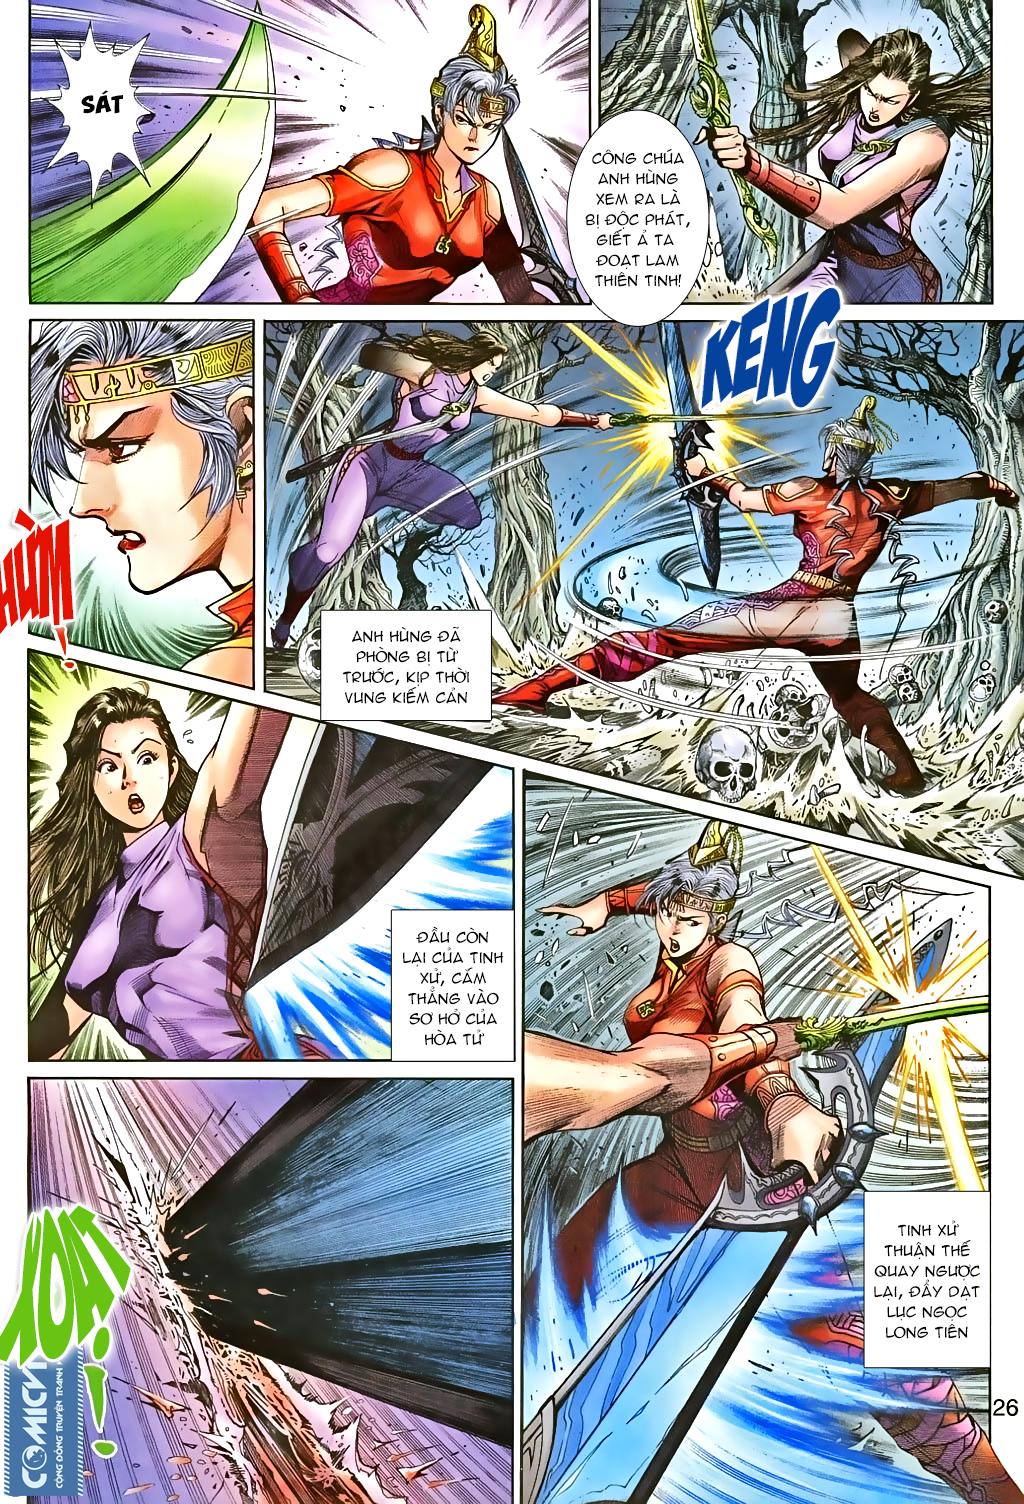 Thần binh huyền kỳ 3 - 3.5 tập 81 - 24